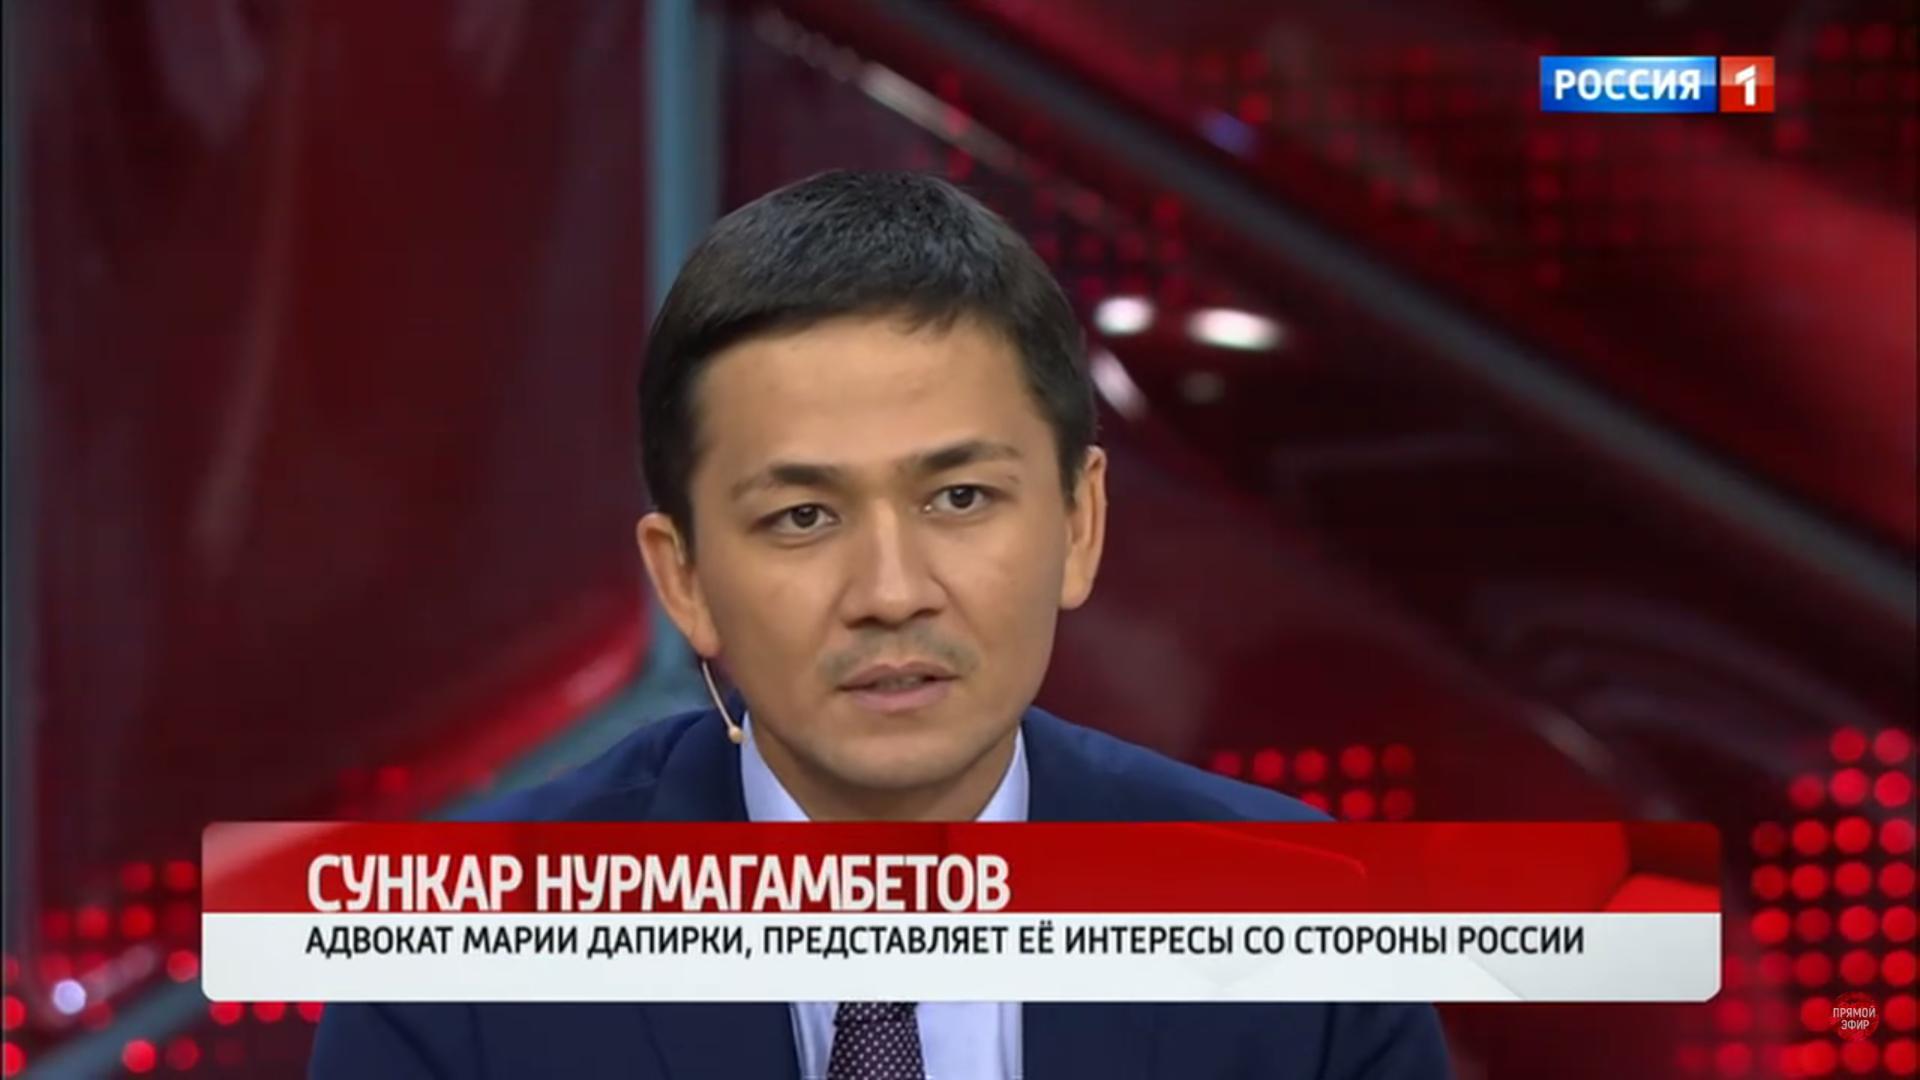 Адвокат Марии Дапирка Сункар Нурмагамбетов